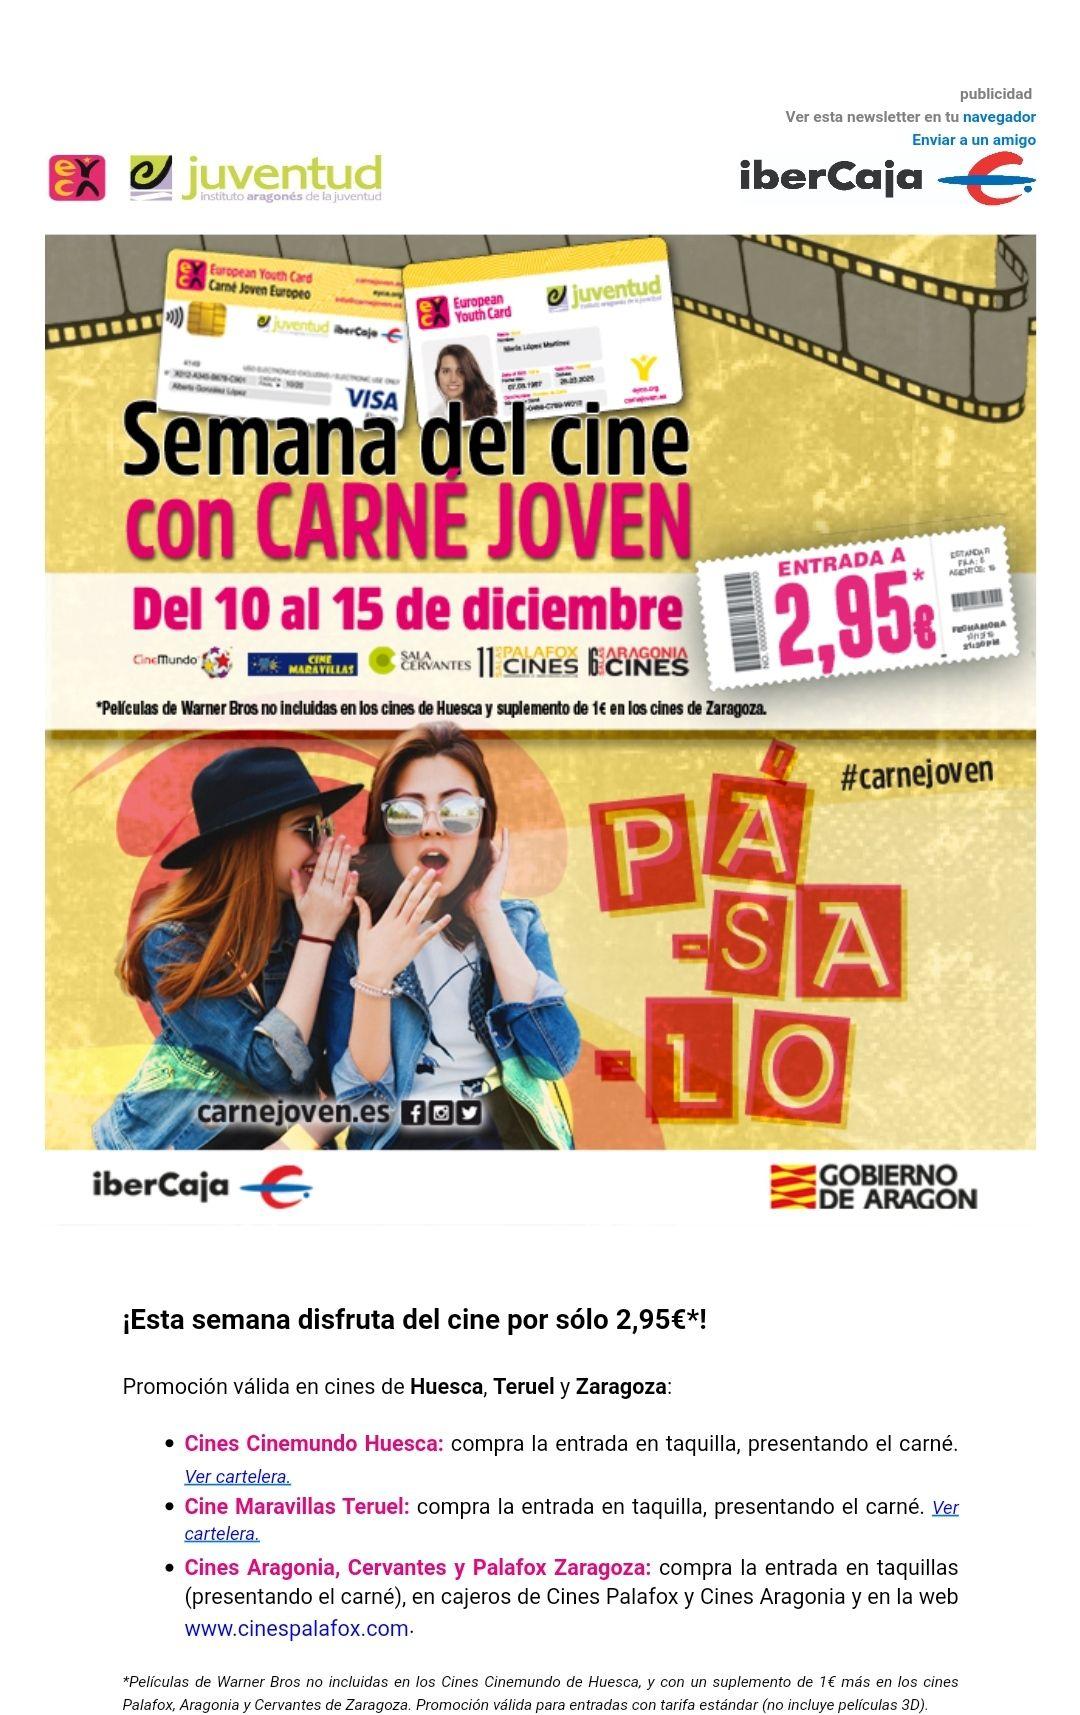 CINE EN ARAGÓN A 2,95€ CON CARNET JOVEN